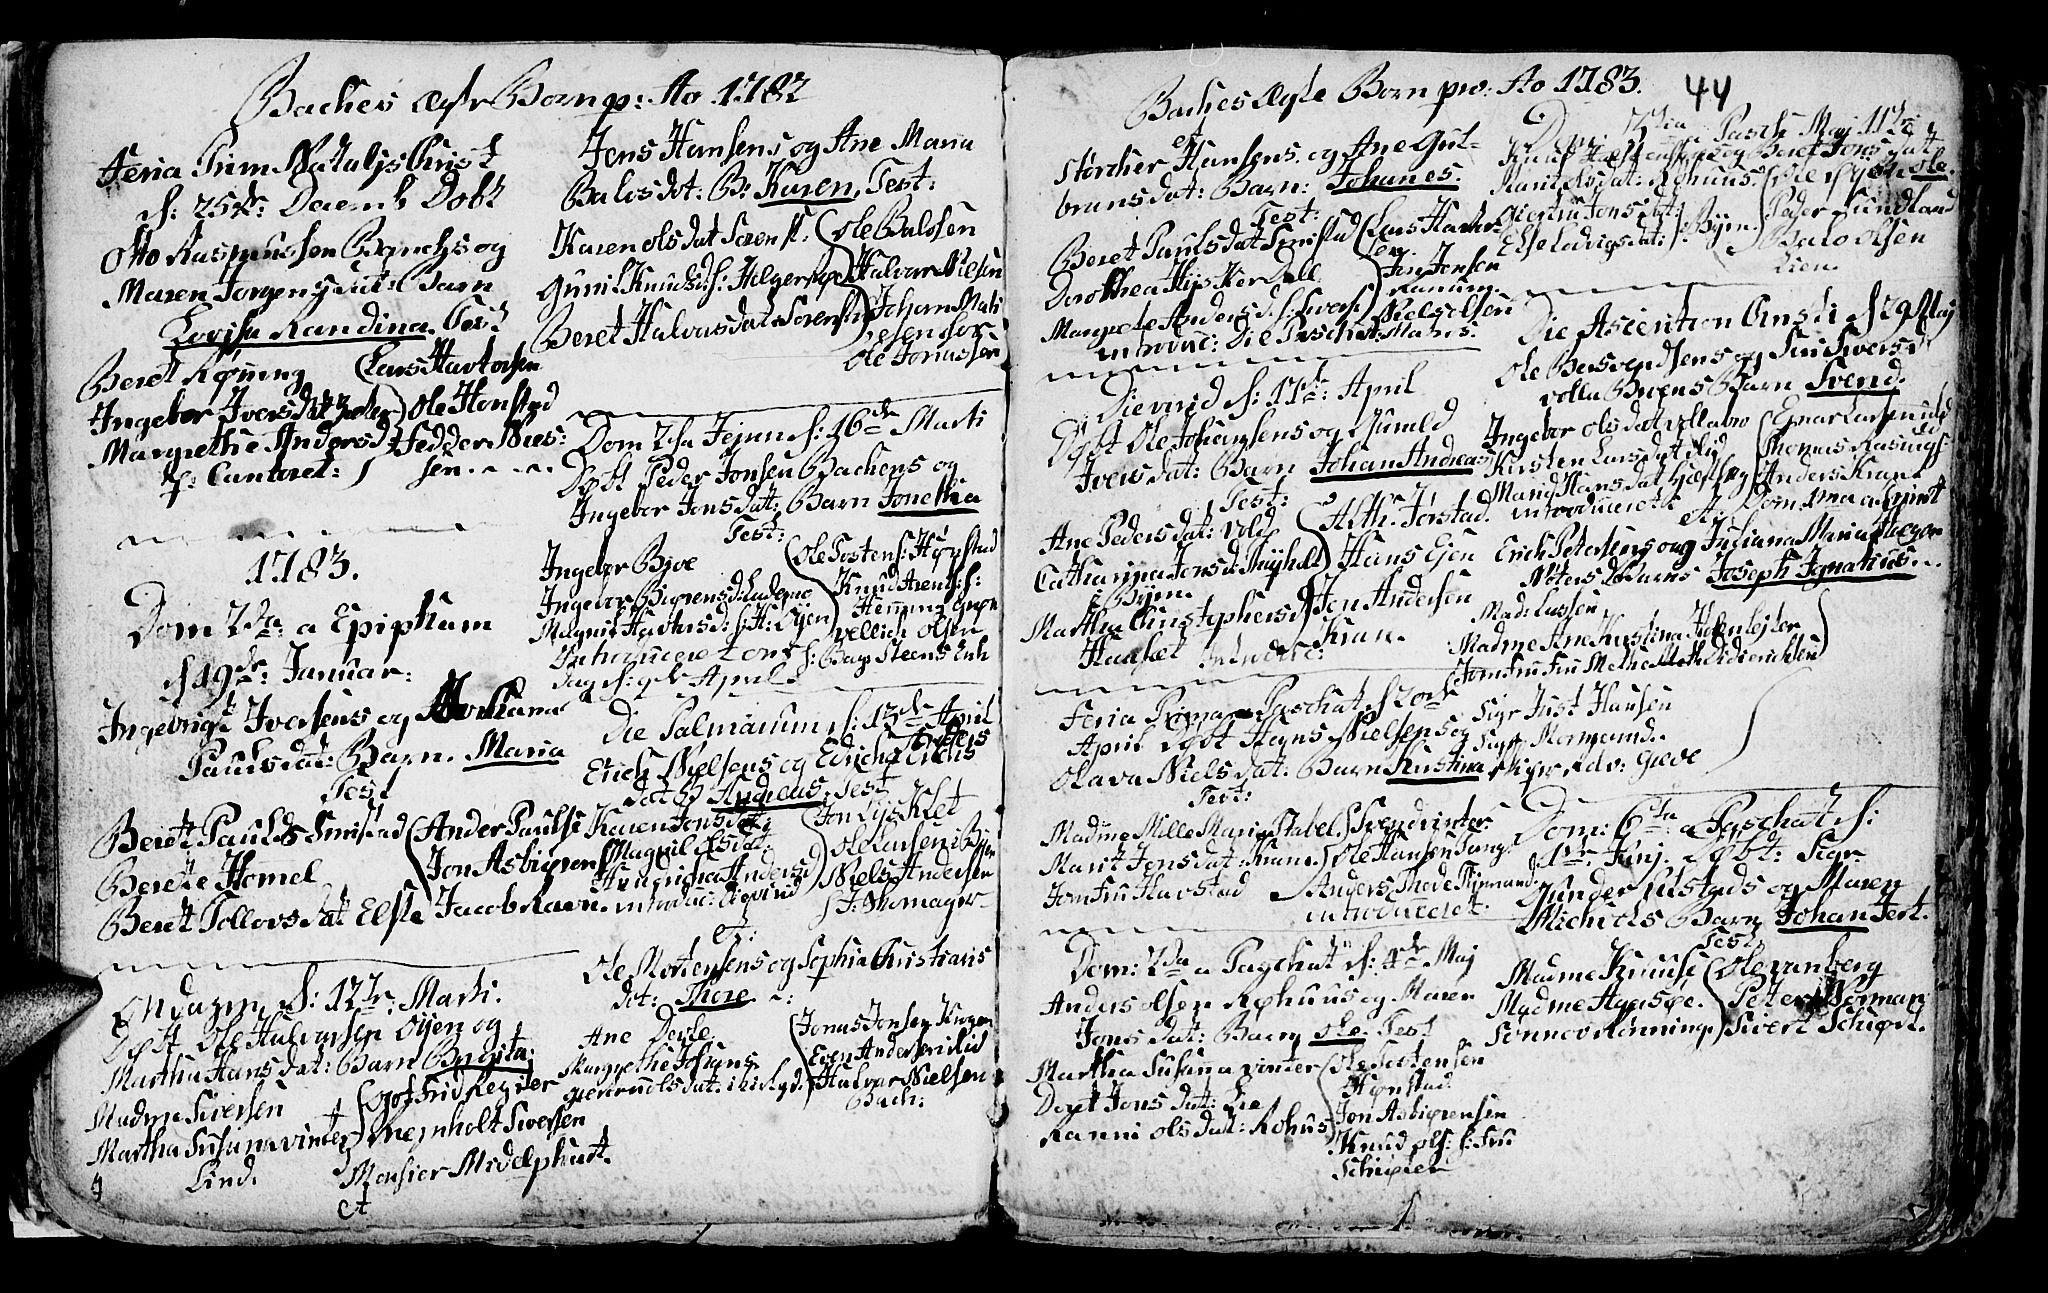 SAT, Ministerialprotokoller, klokkerbøker og fødselsregistre - Sør-Trøndelag, 604/L0218: Klokkerbok nr. 604C01, 1754-1819, s. 44